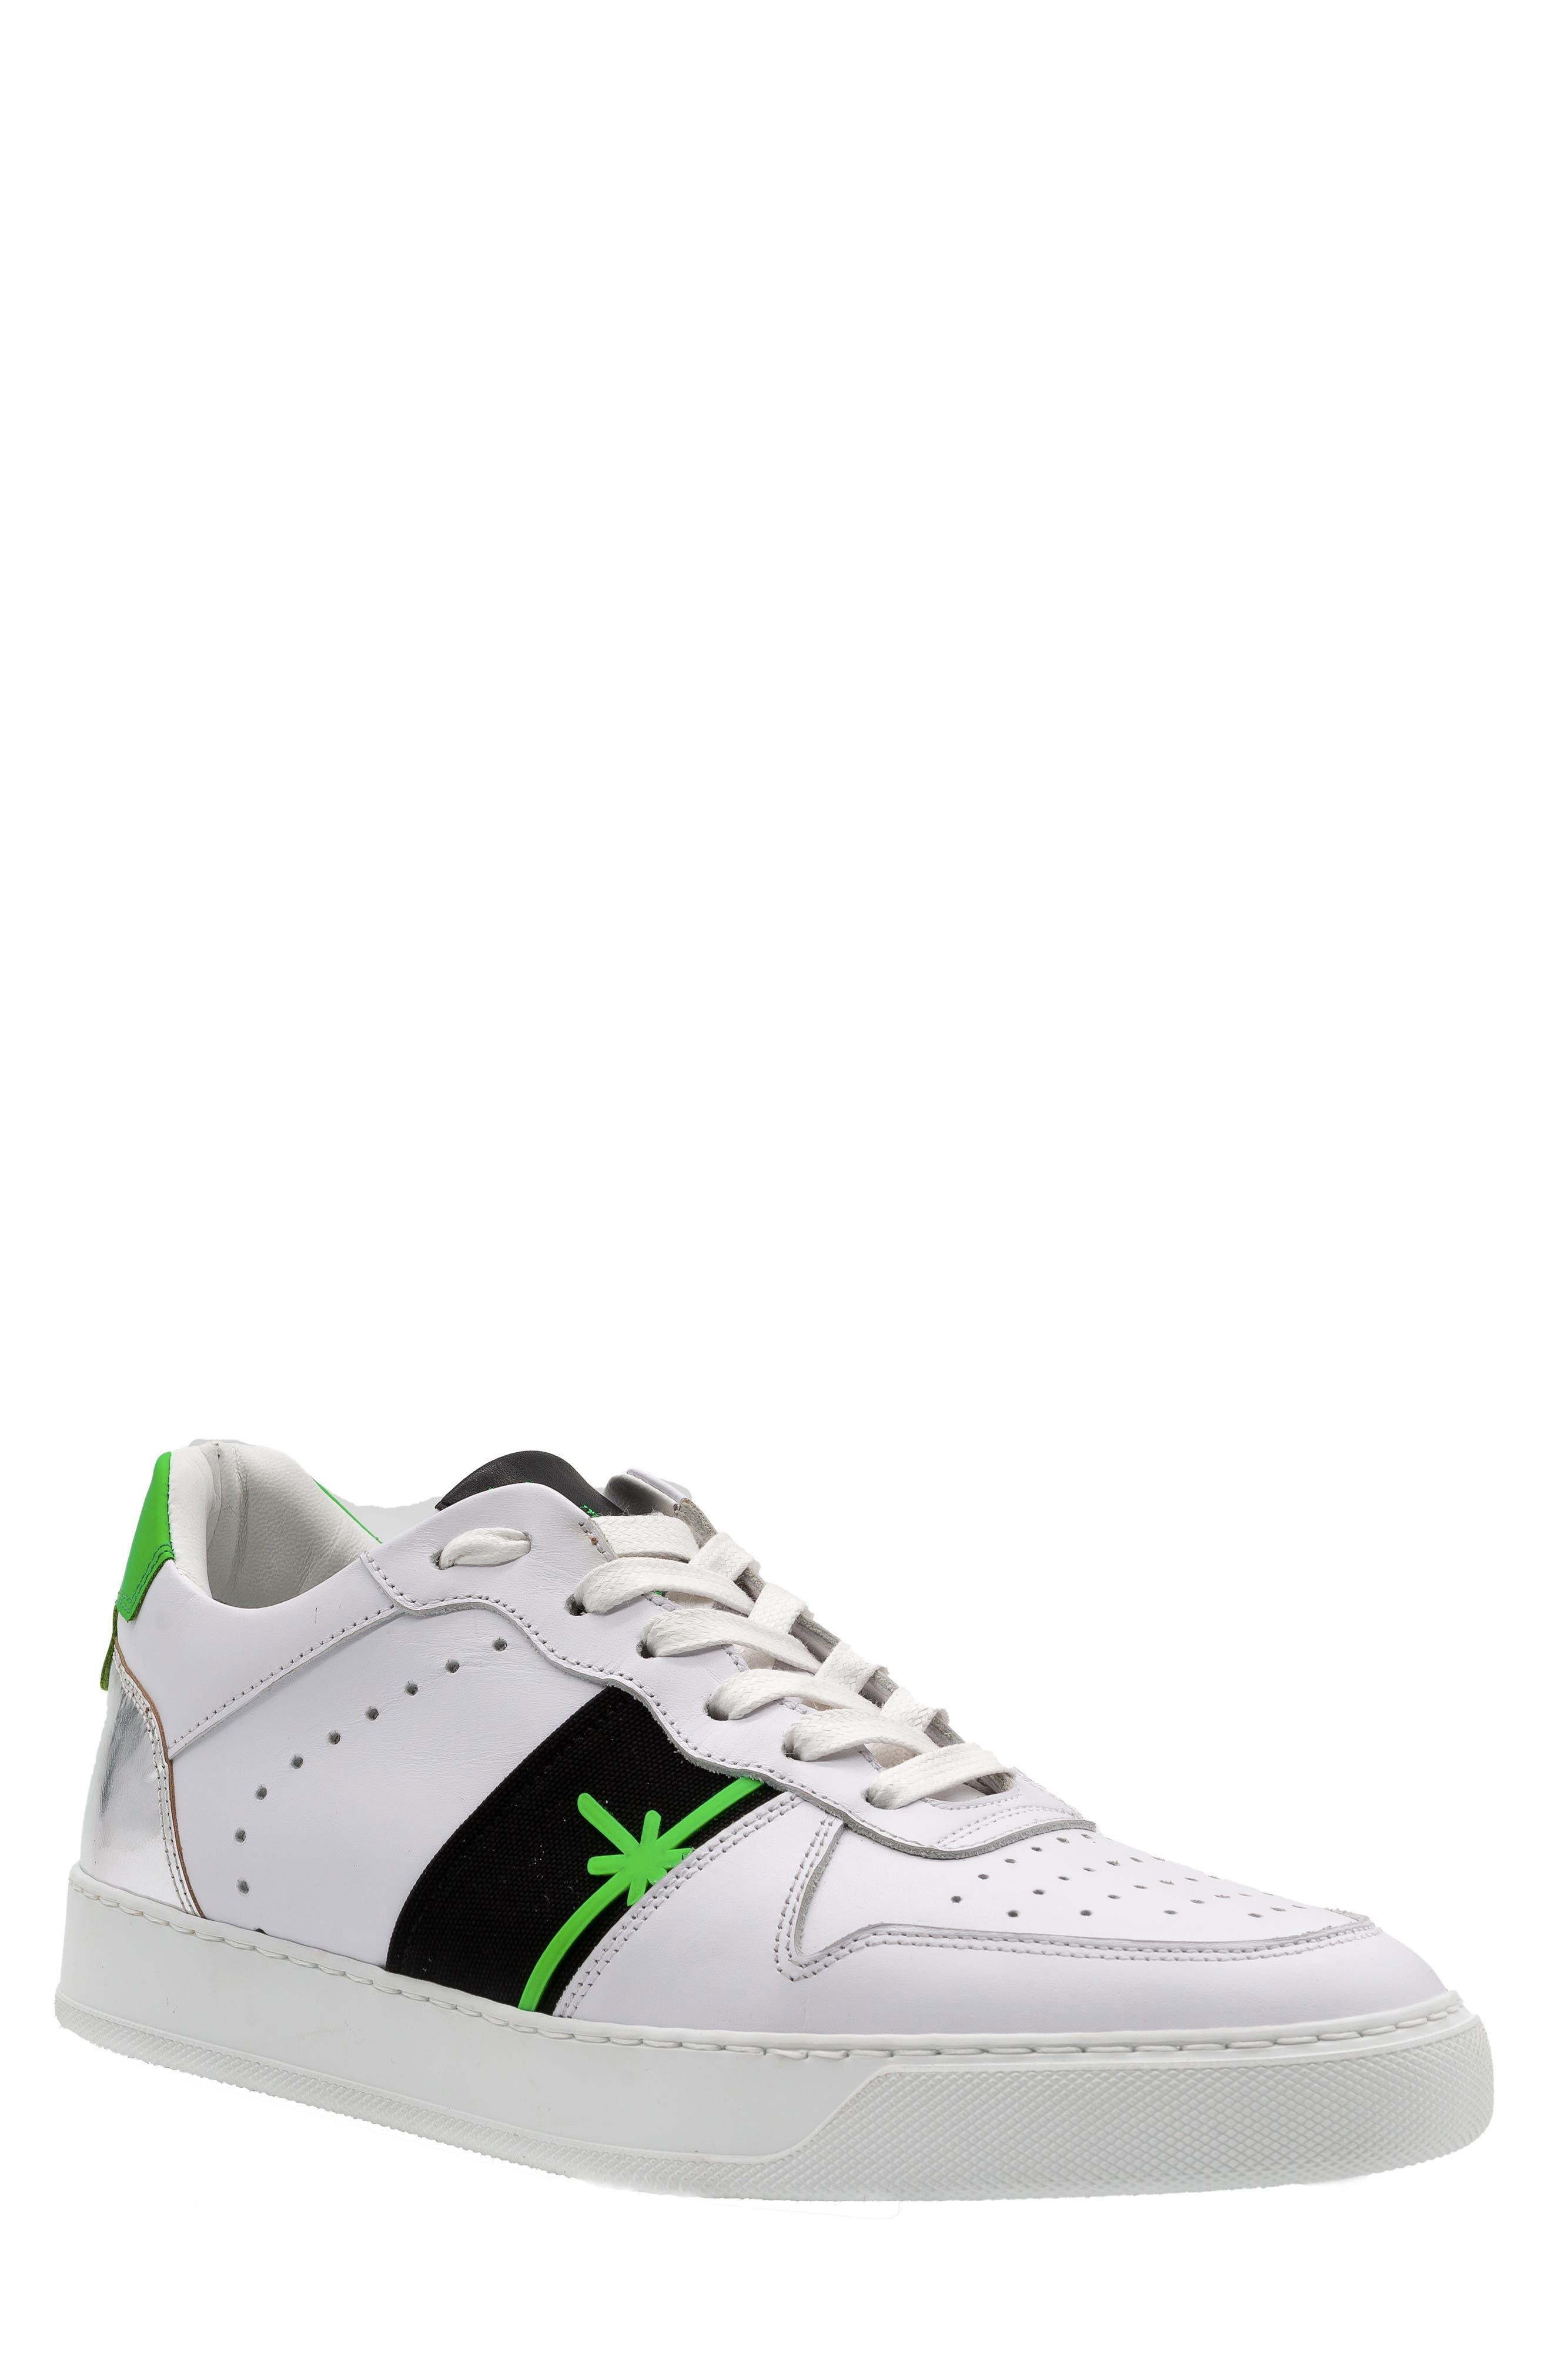 Men's Ross \u0026 Snow Sneakers \u0026 Athletic